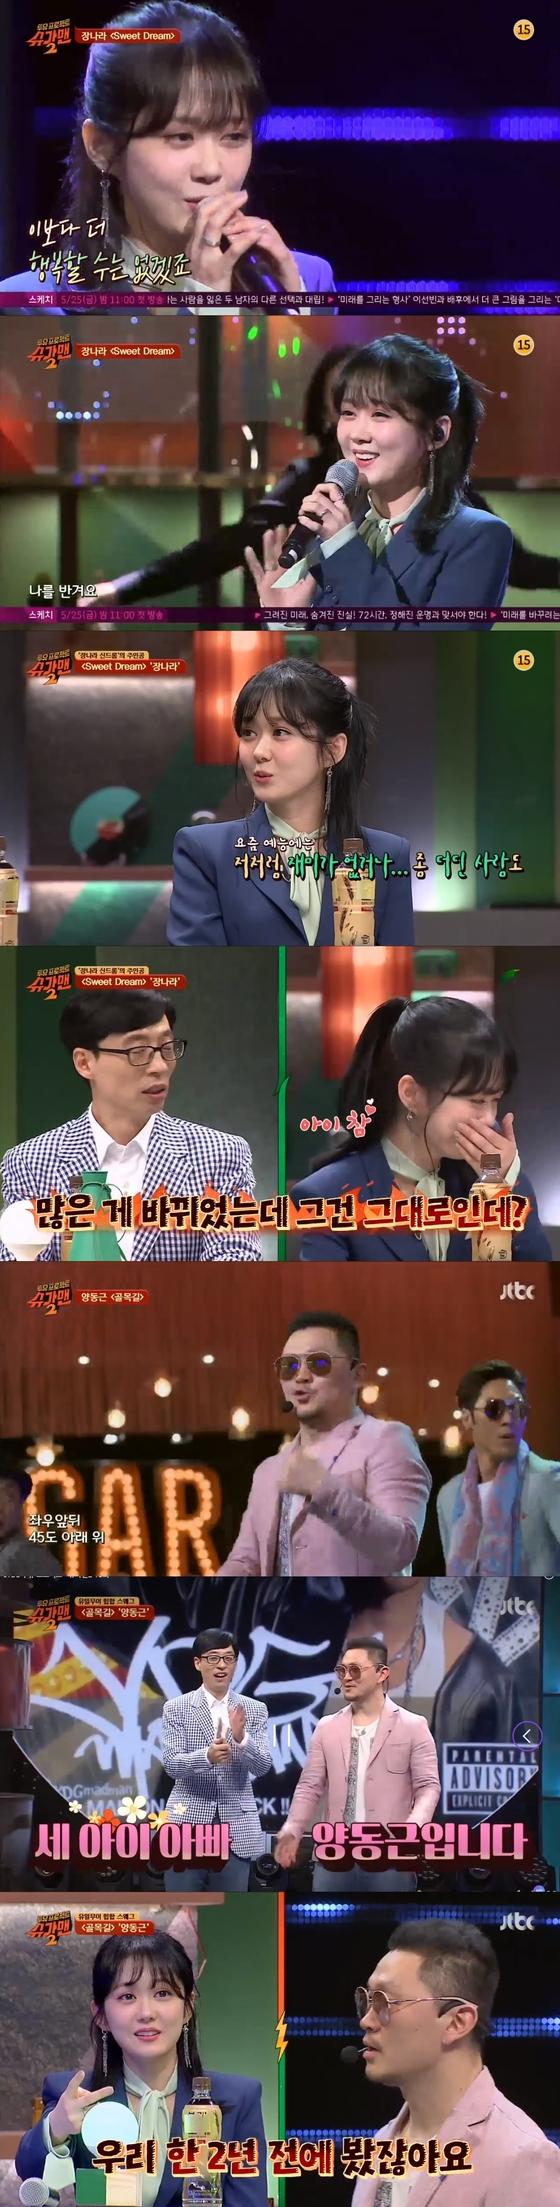 '슈가맨' 장나라×양동근, 배우 아닌 가수로 소환…세대 통합 성공(종합)